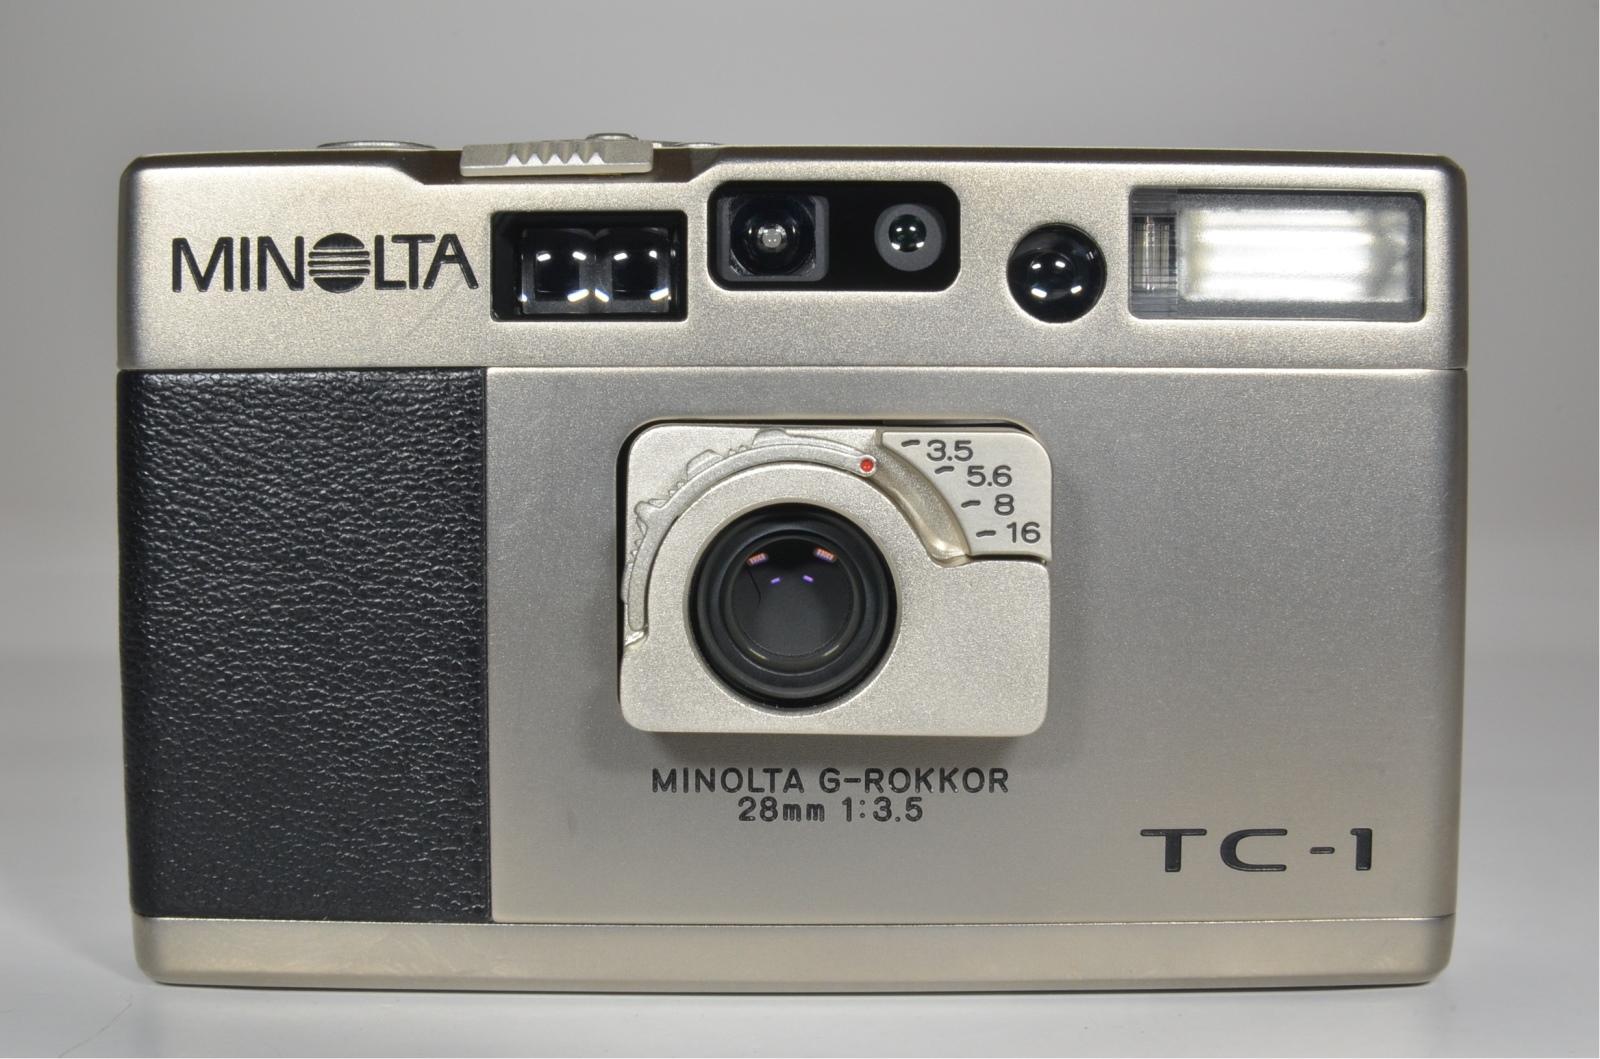 minolta tc-1 film camera in boxed